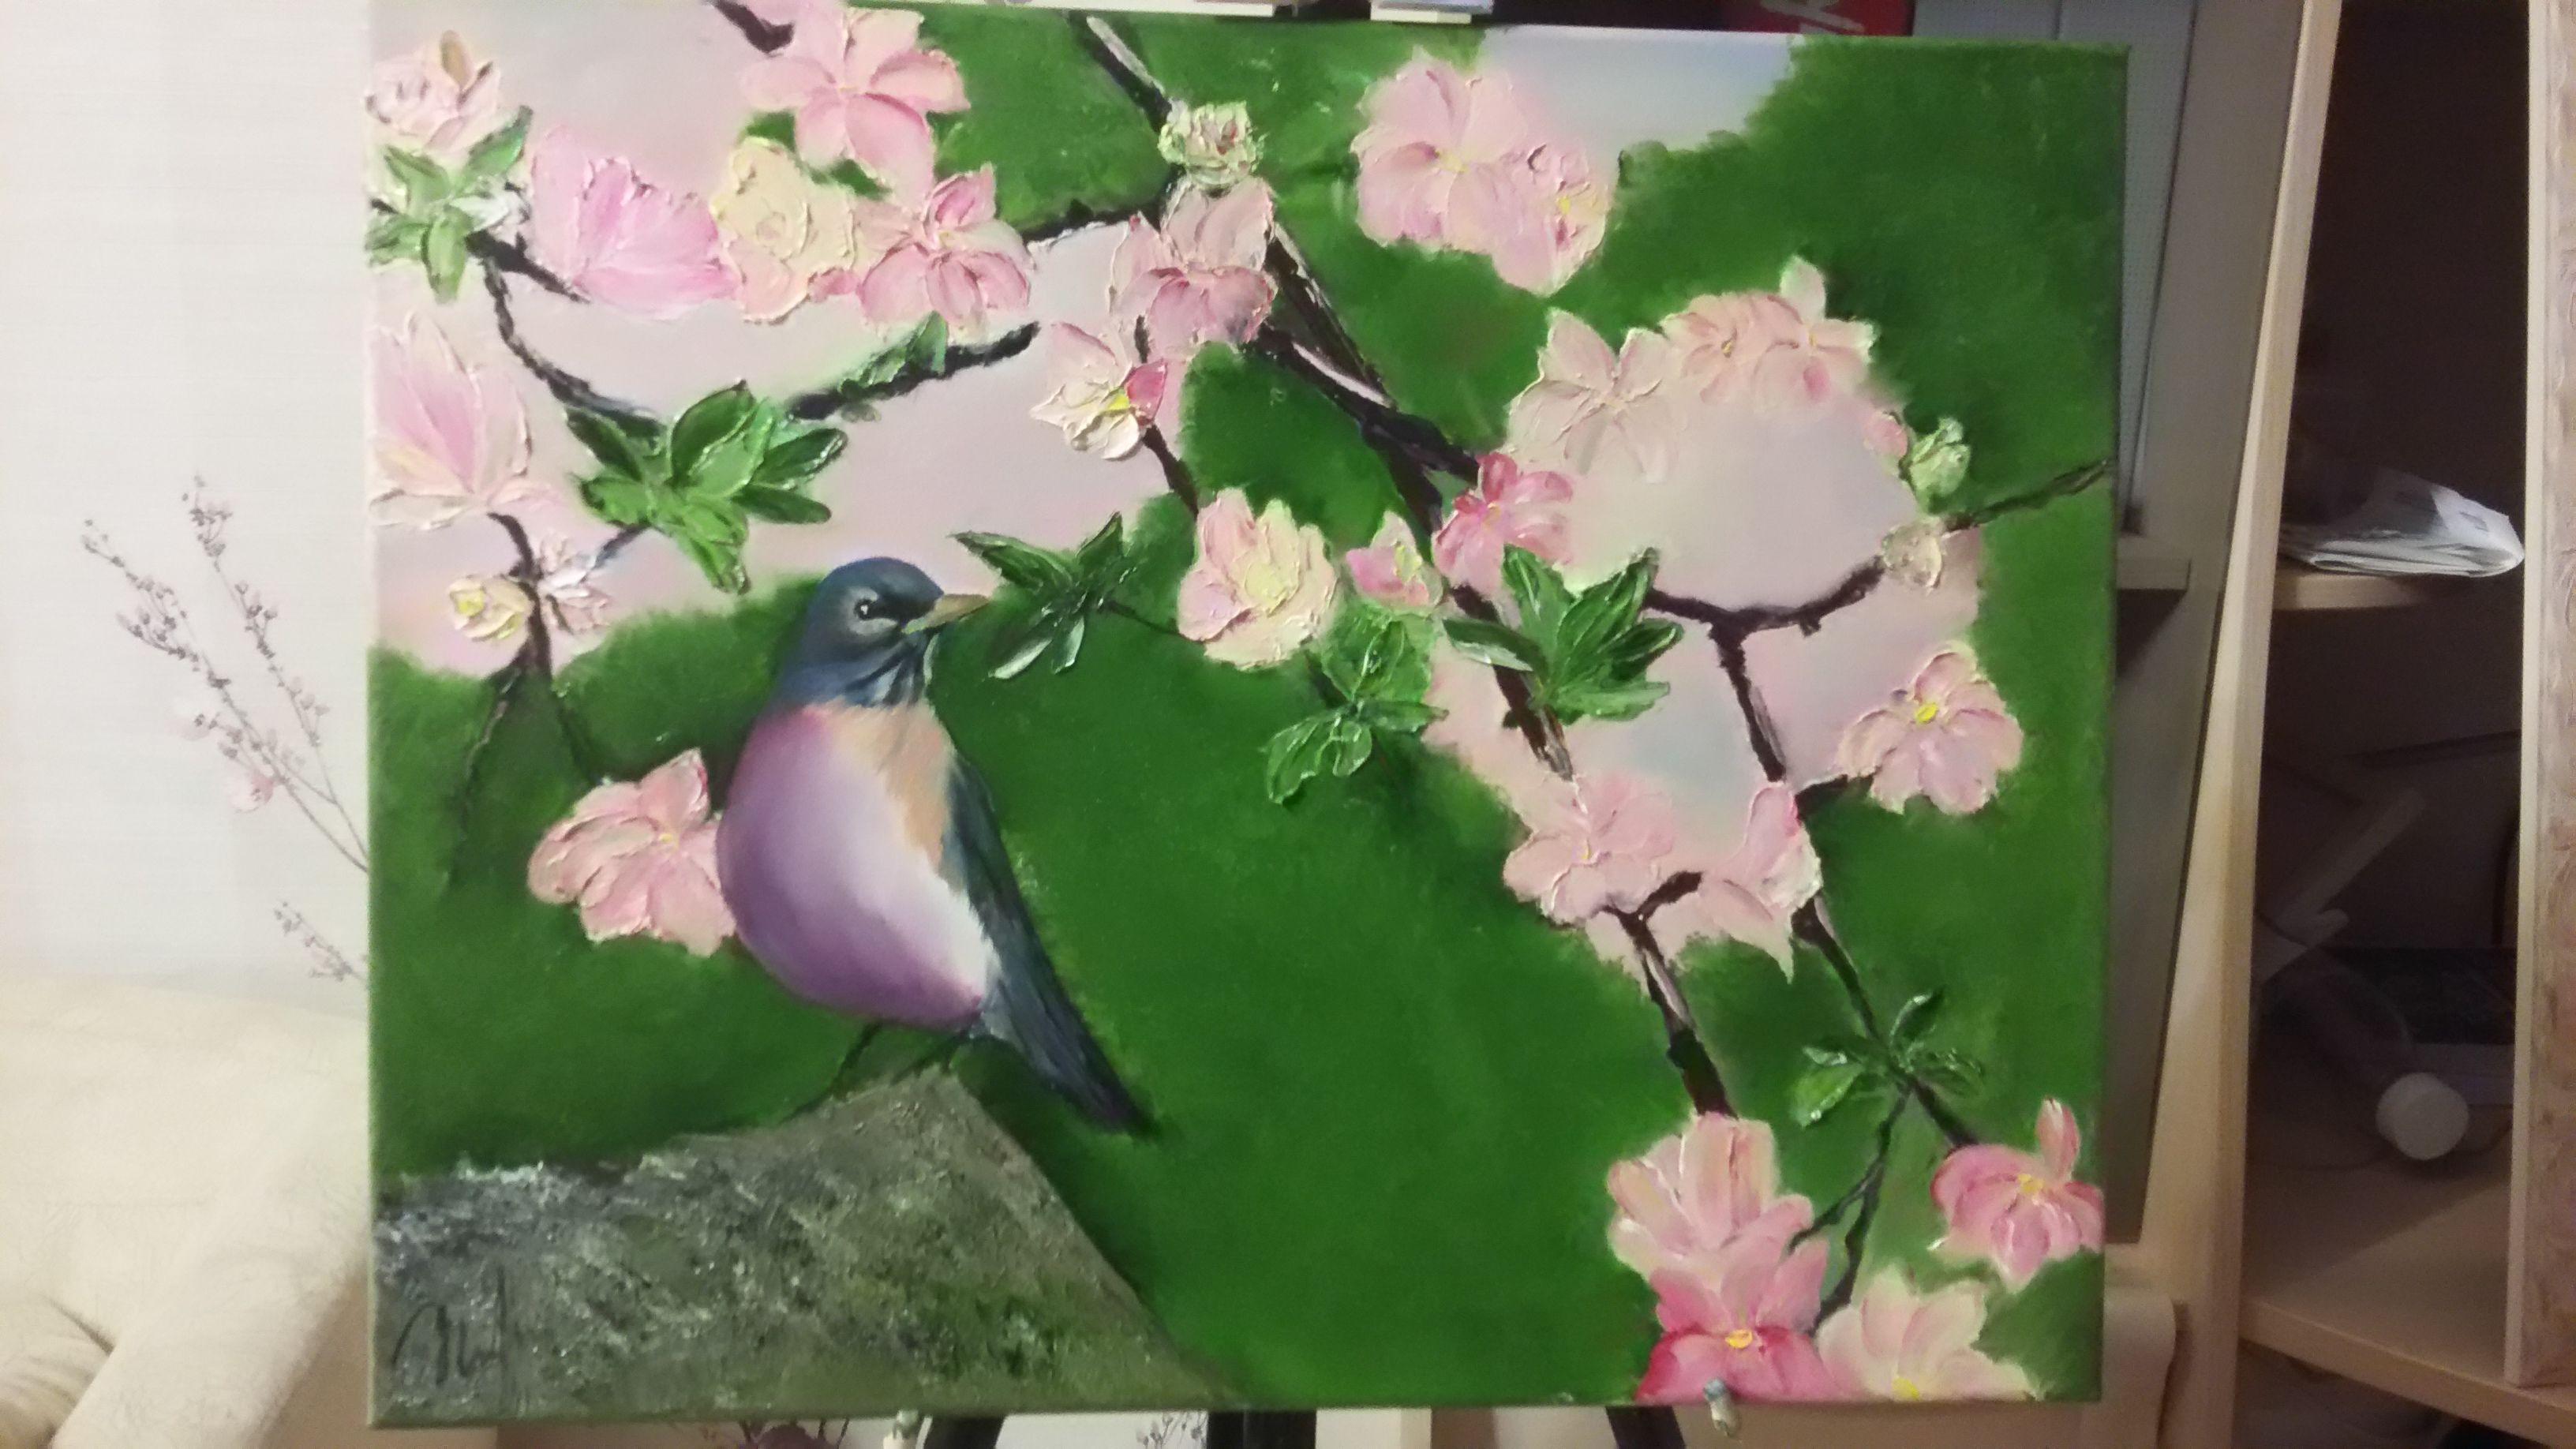 цветы птицы яблоня краска весна масляная феншуй искусство картина